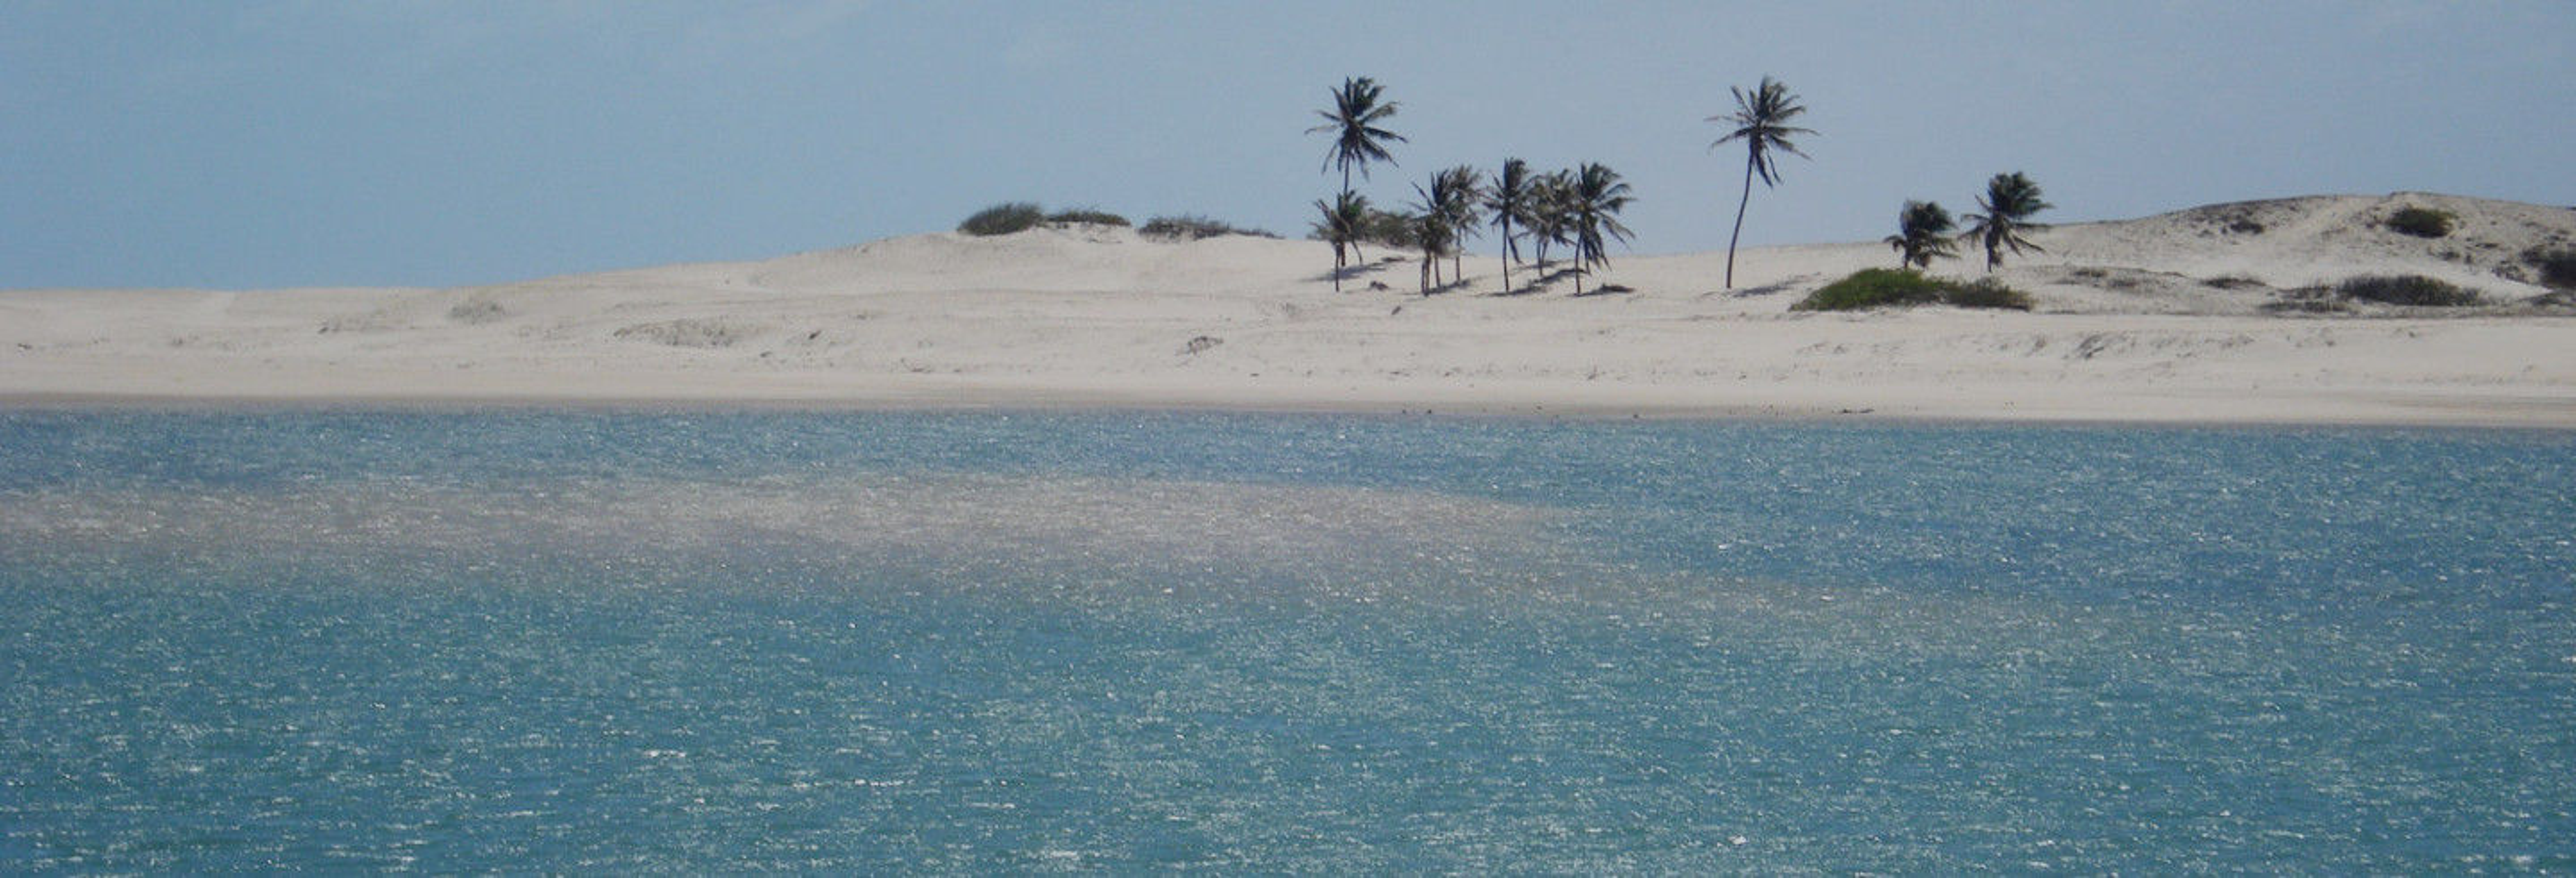 Excursión a la playa Águas Belas